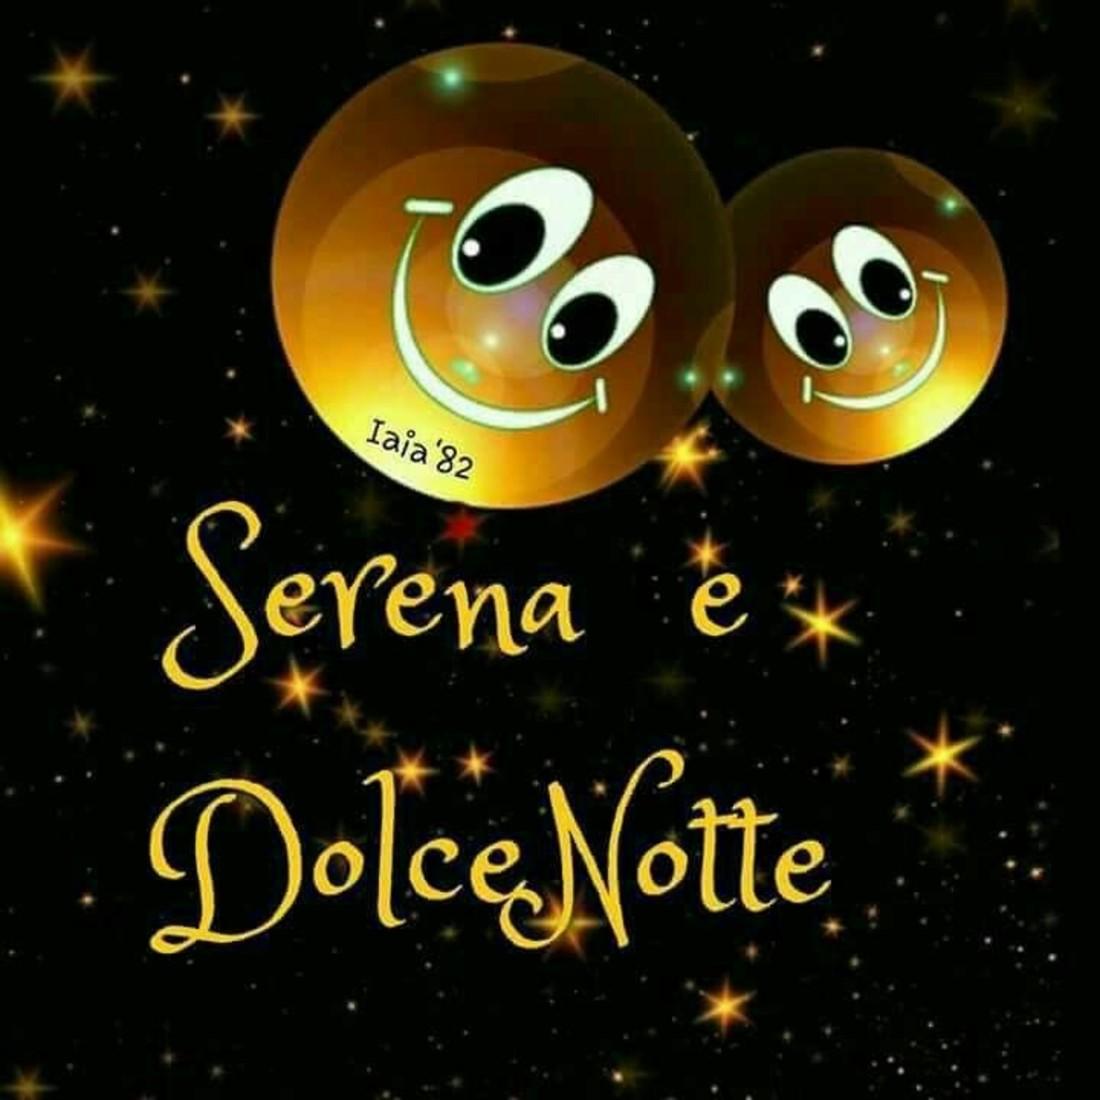 Serena e Dolce Notte